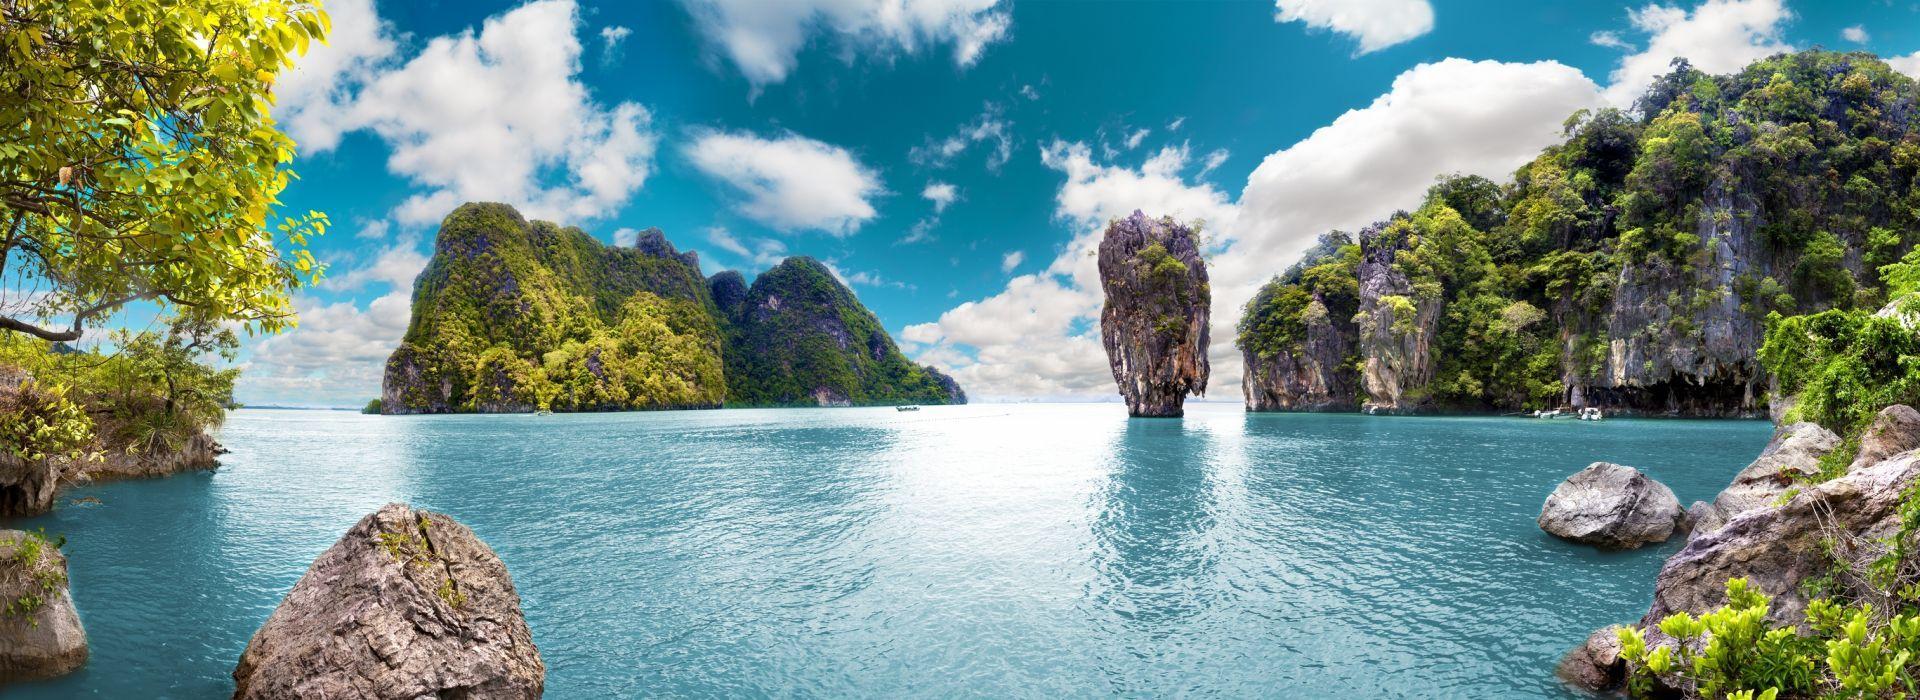 City sightseeing Tours in Bangkok